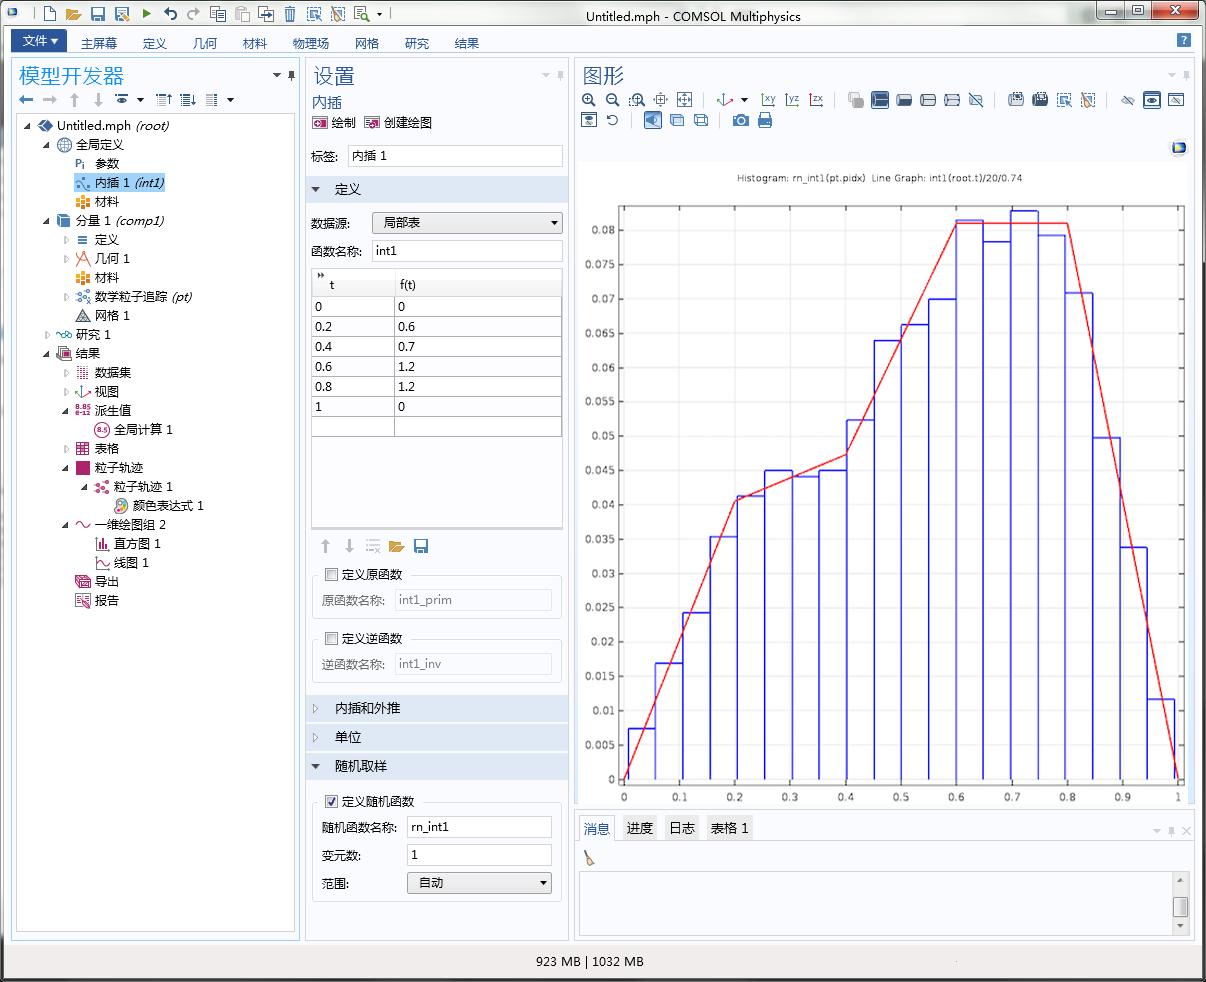 屏幕截图显示了 COMSOL Multiphysics 中内插函数特征的设置和图形窗口。